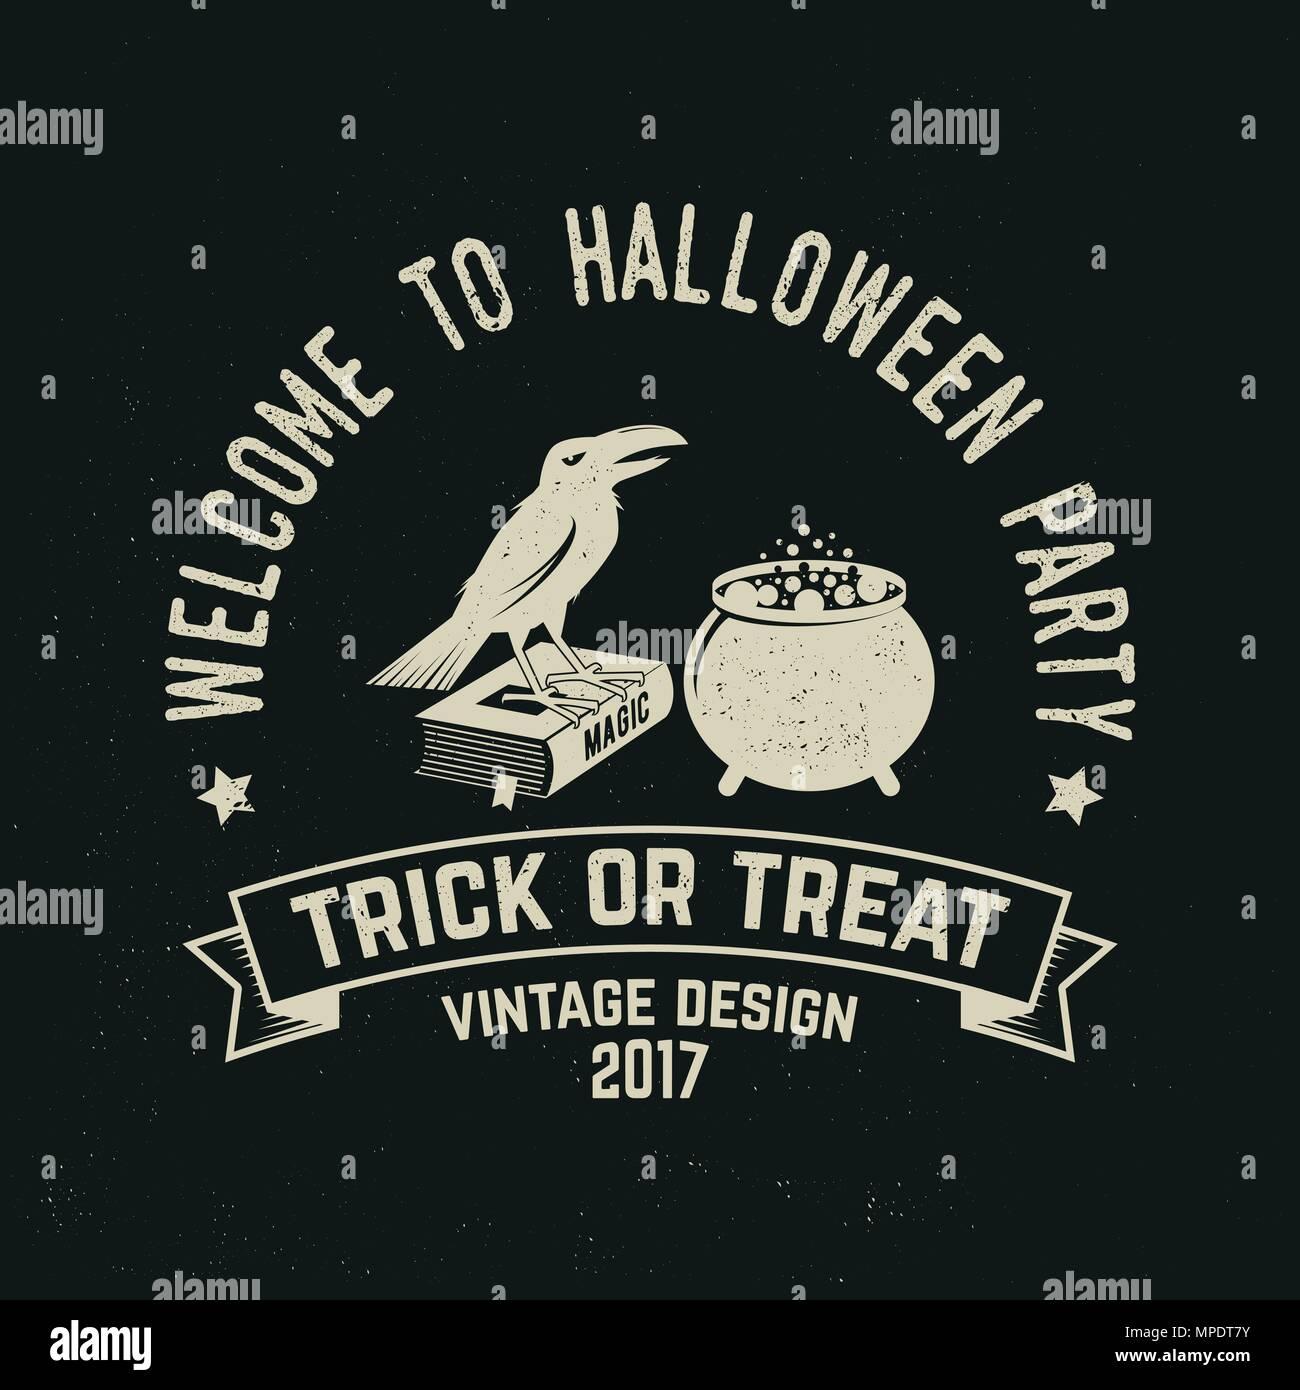 Bienvenido a la fiesta de Halloween. Vector logo retro de Halloween. Concepto de camiseta, logo, impresión, timbre o sello o parche. Crow, libro mágico y bote. De Halloween Imagen De Stock